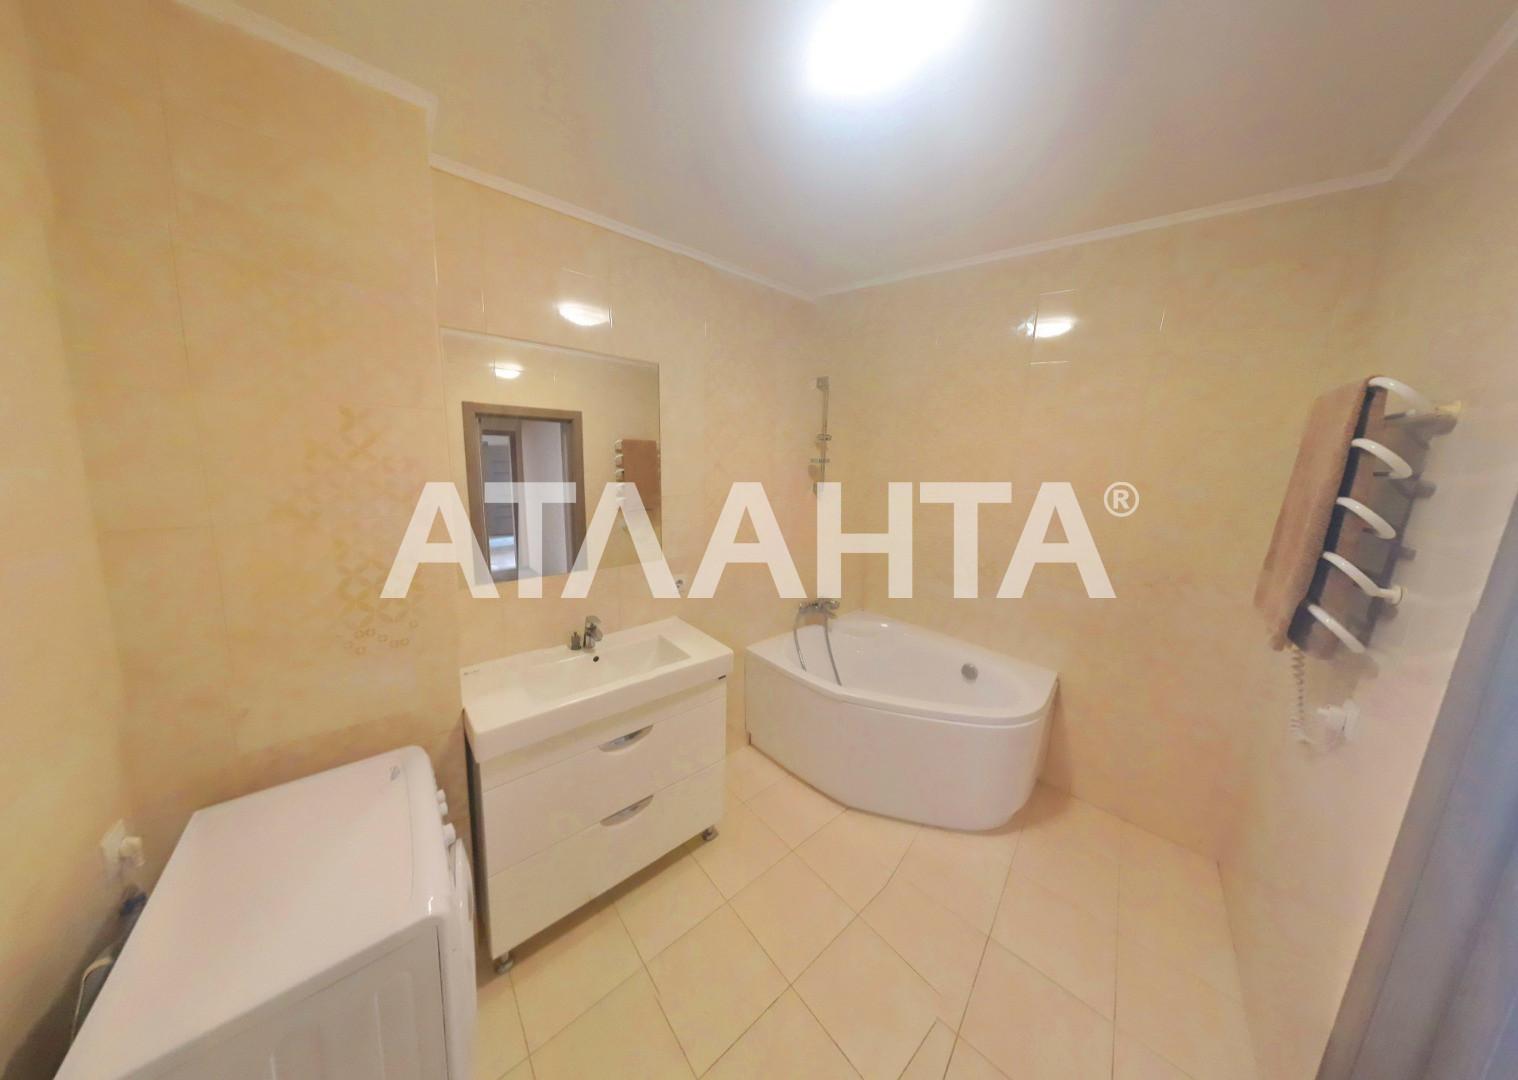 Продается 2-комнатная Квартира на ул. Ул. Вильямса — 130 000 у.е. (фото №8)